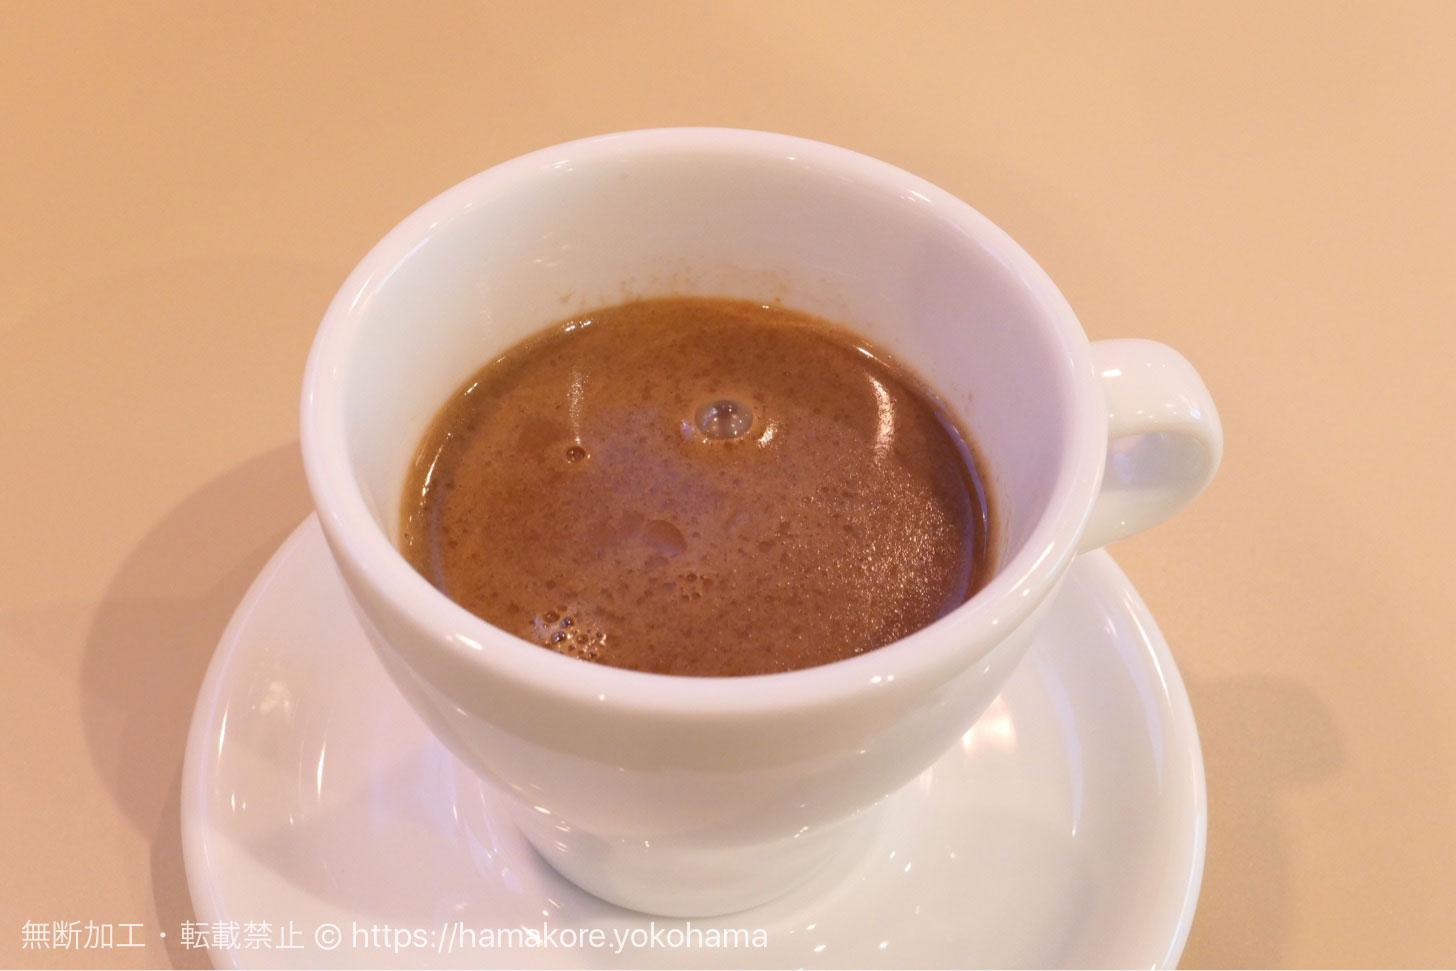 プレミアムチョコレートドリンク アリバ